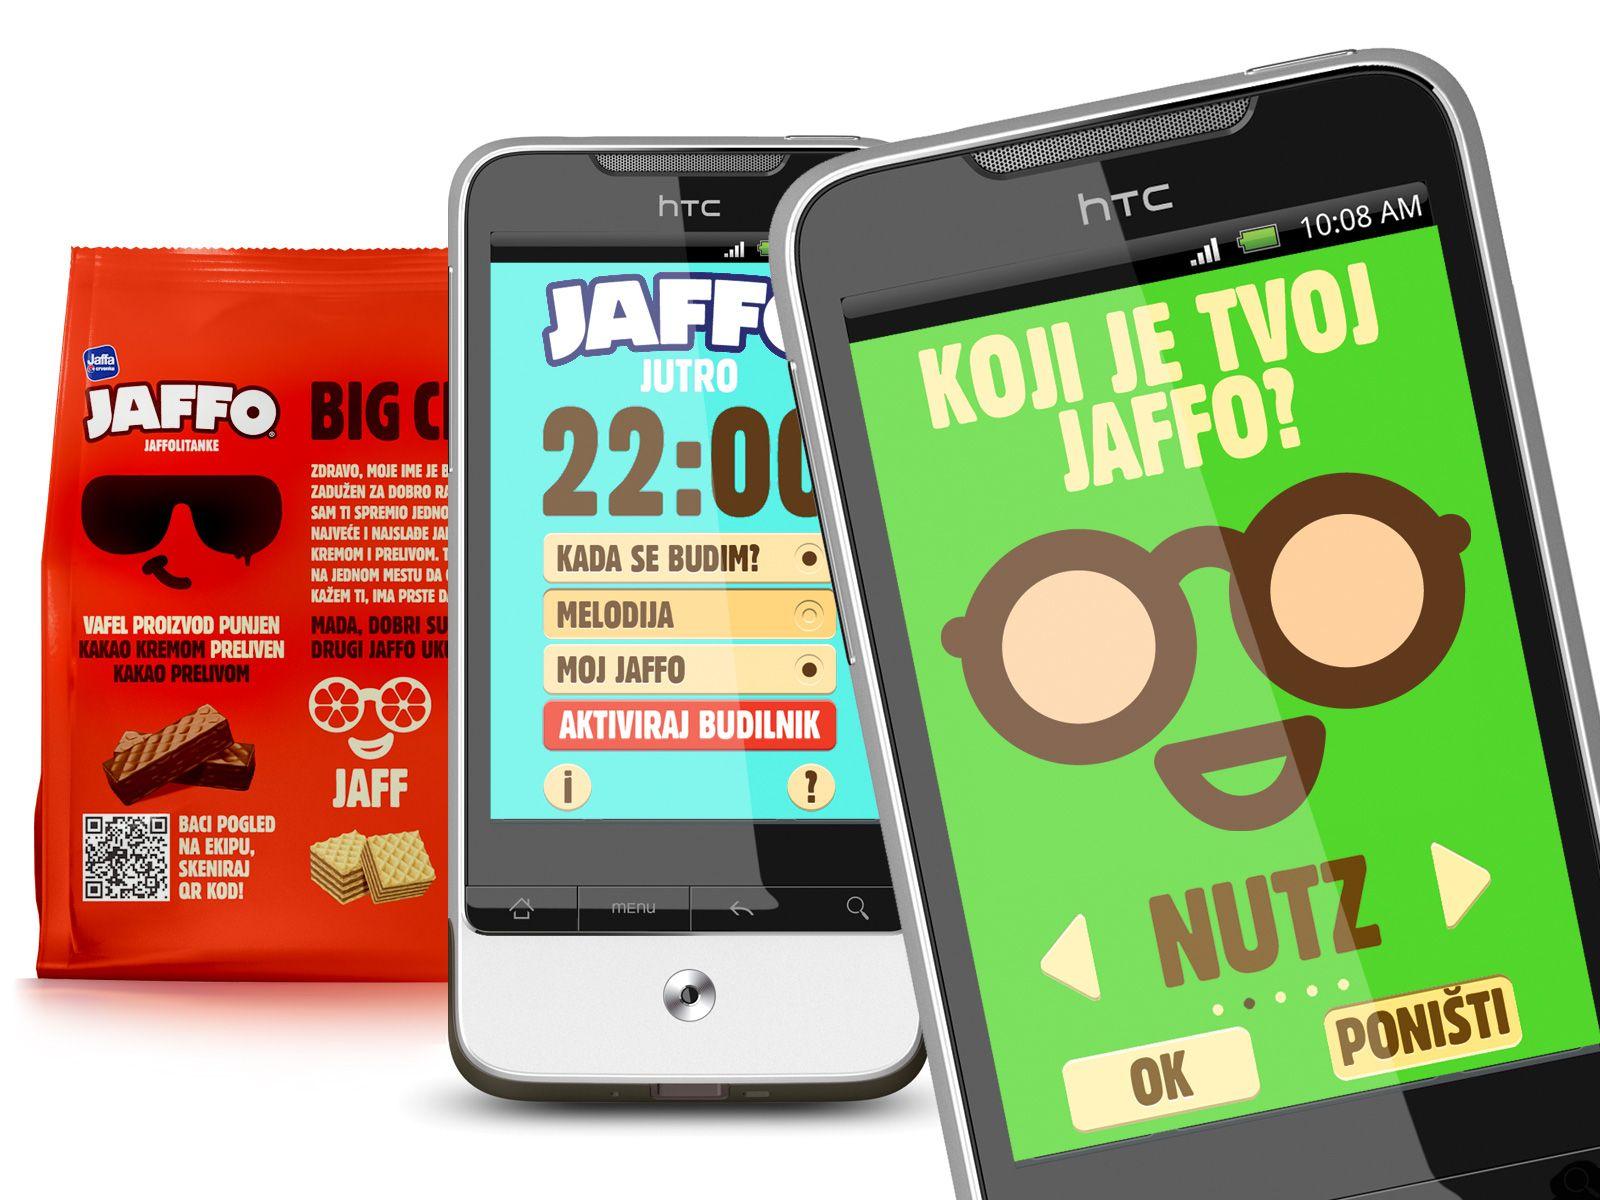 JAFFO-JUTRO